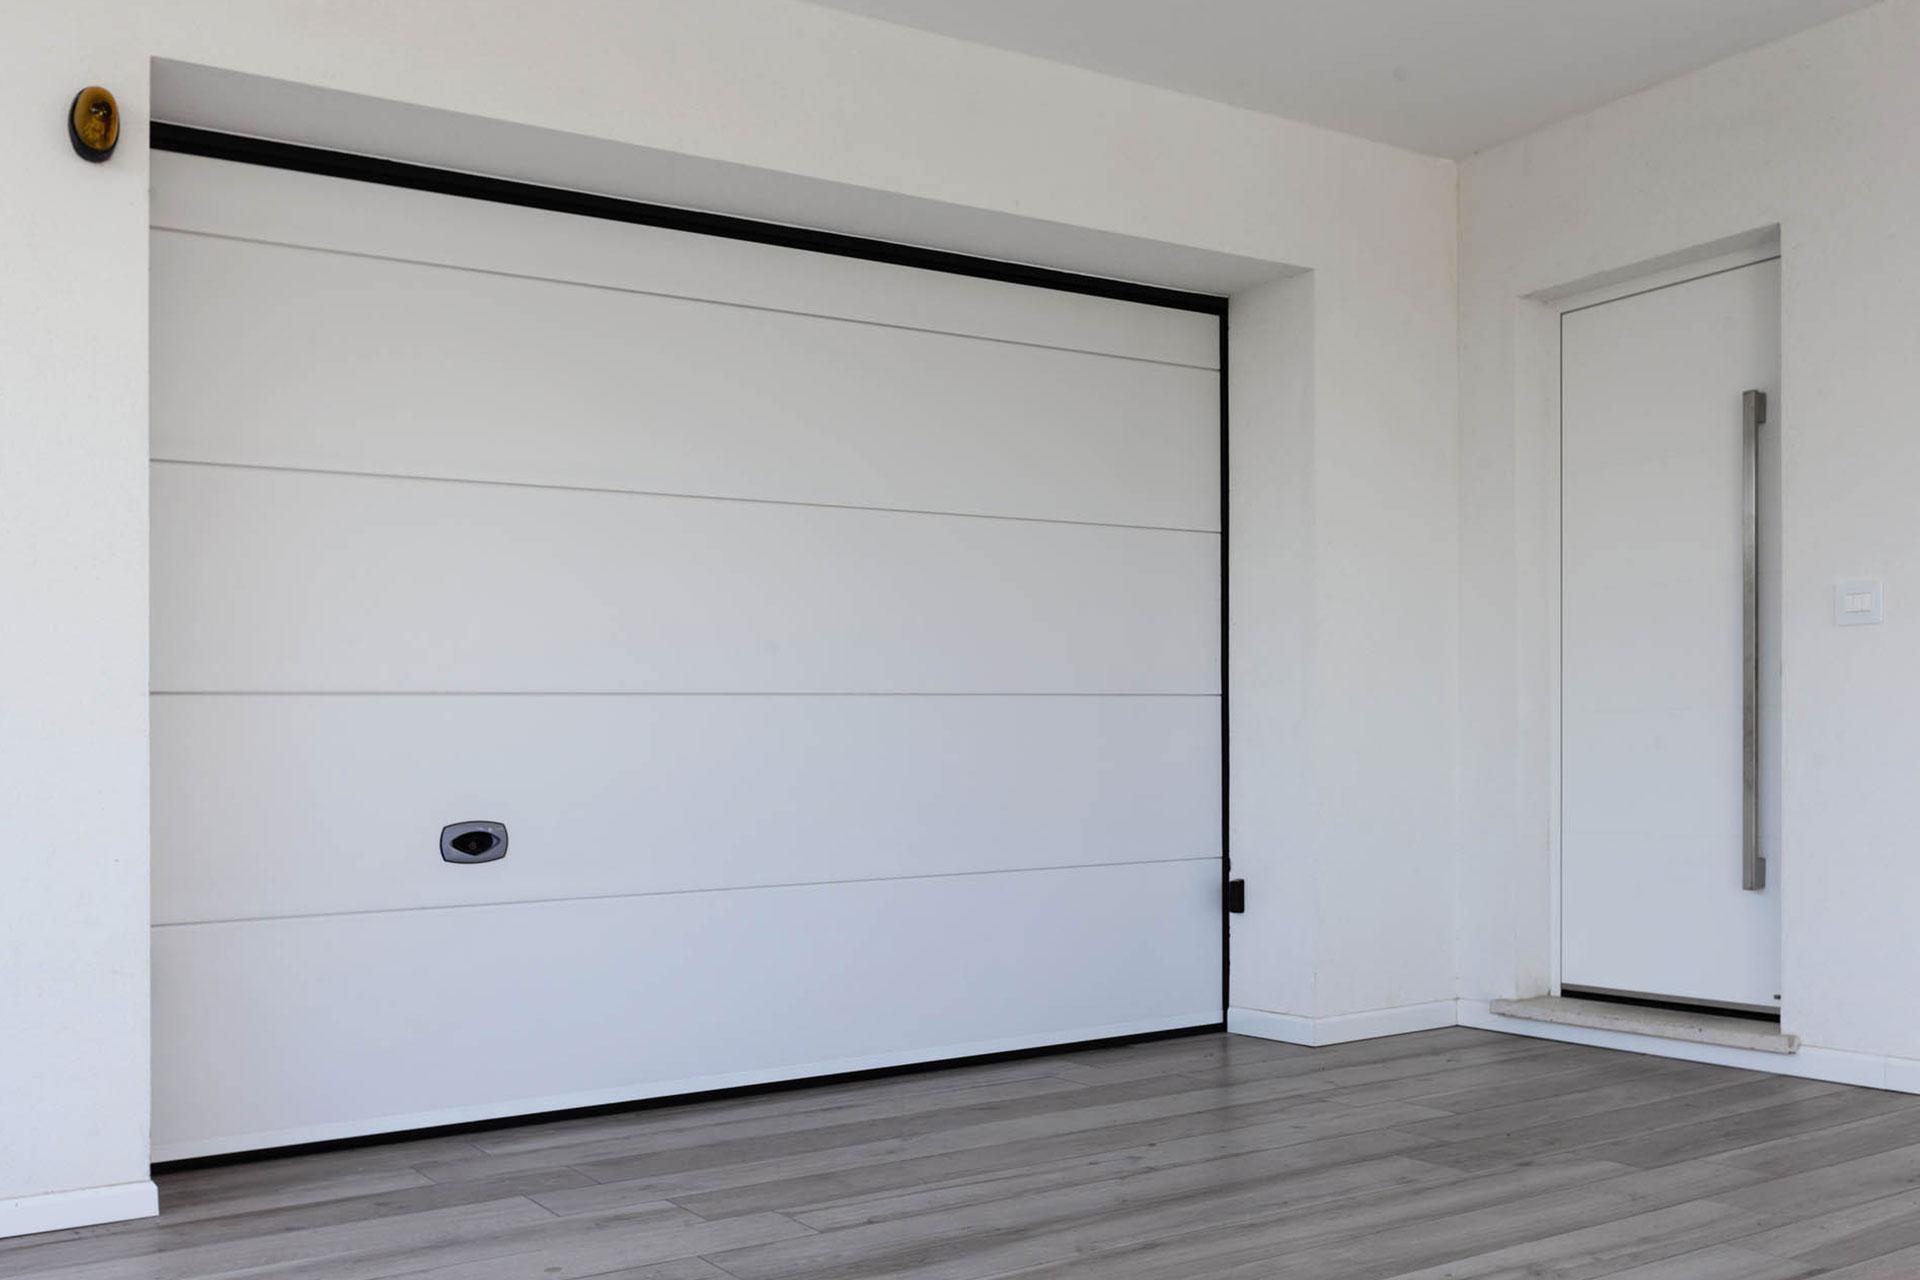 installazione avvolgibili udine casa privata